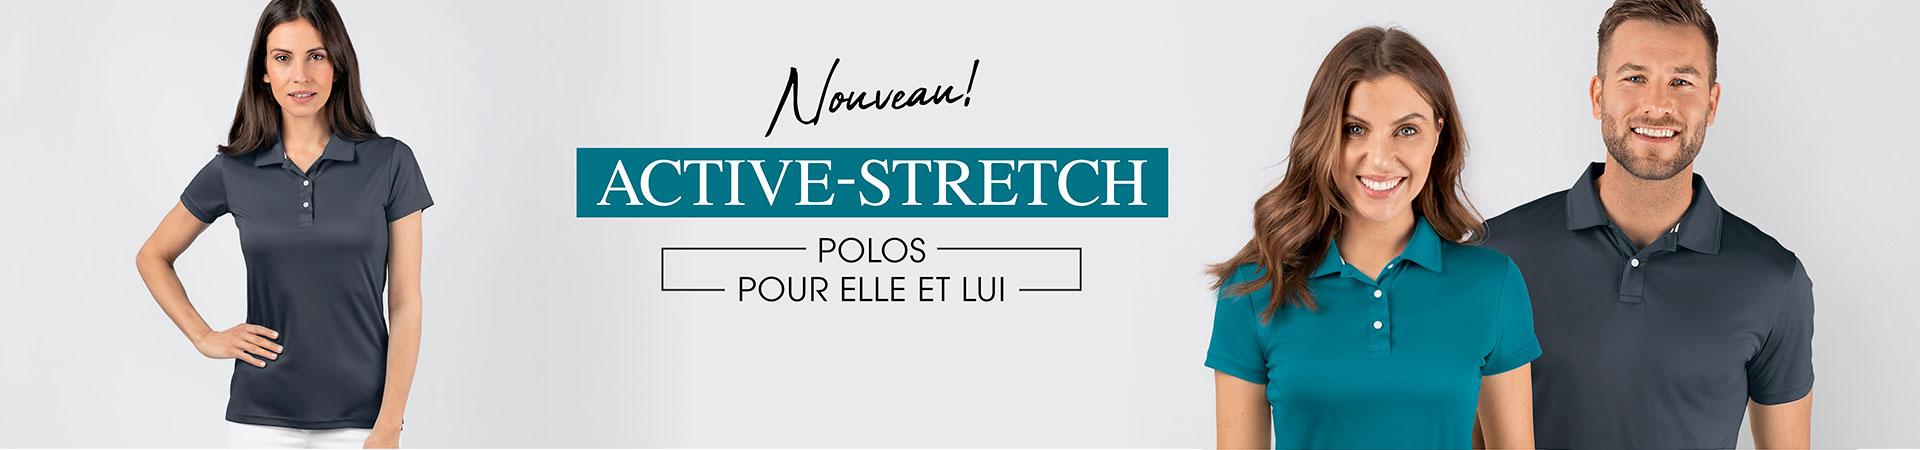 Nouveau polos active stretch